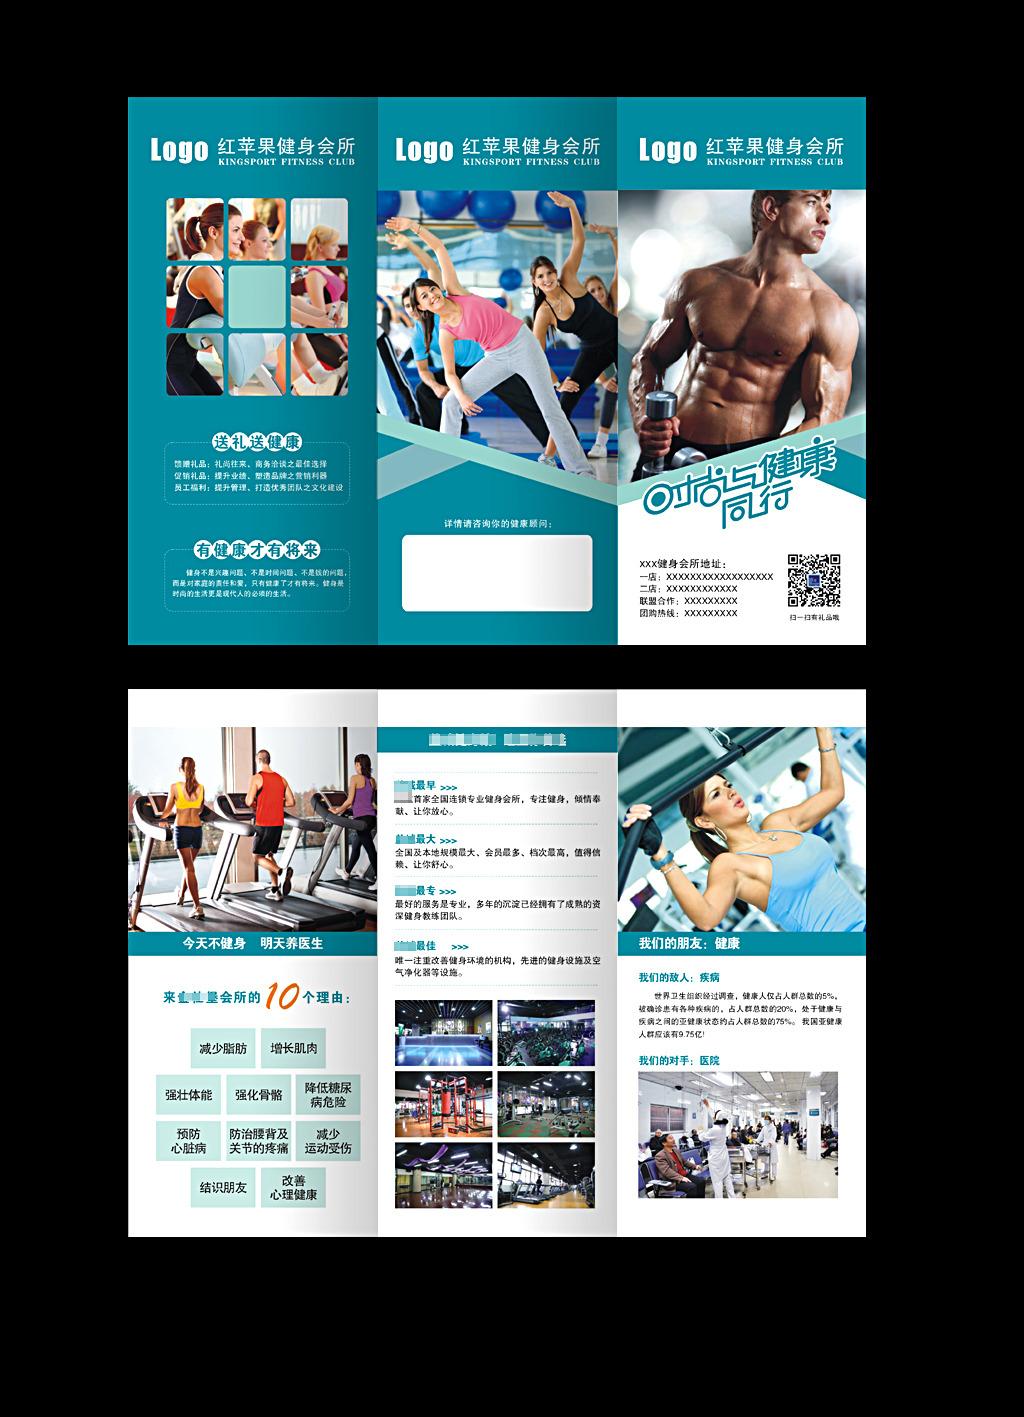 健身会所三折页宣传单设计模版图片下载